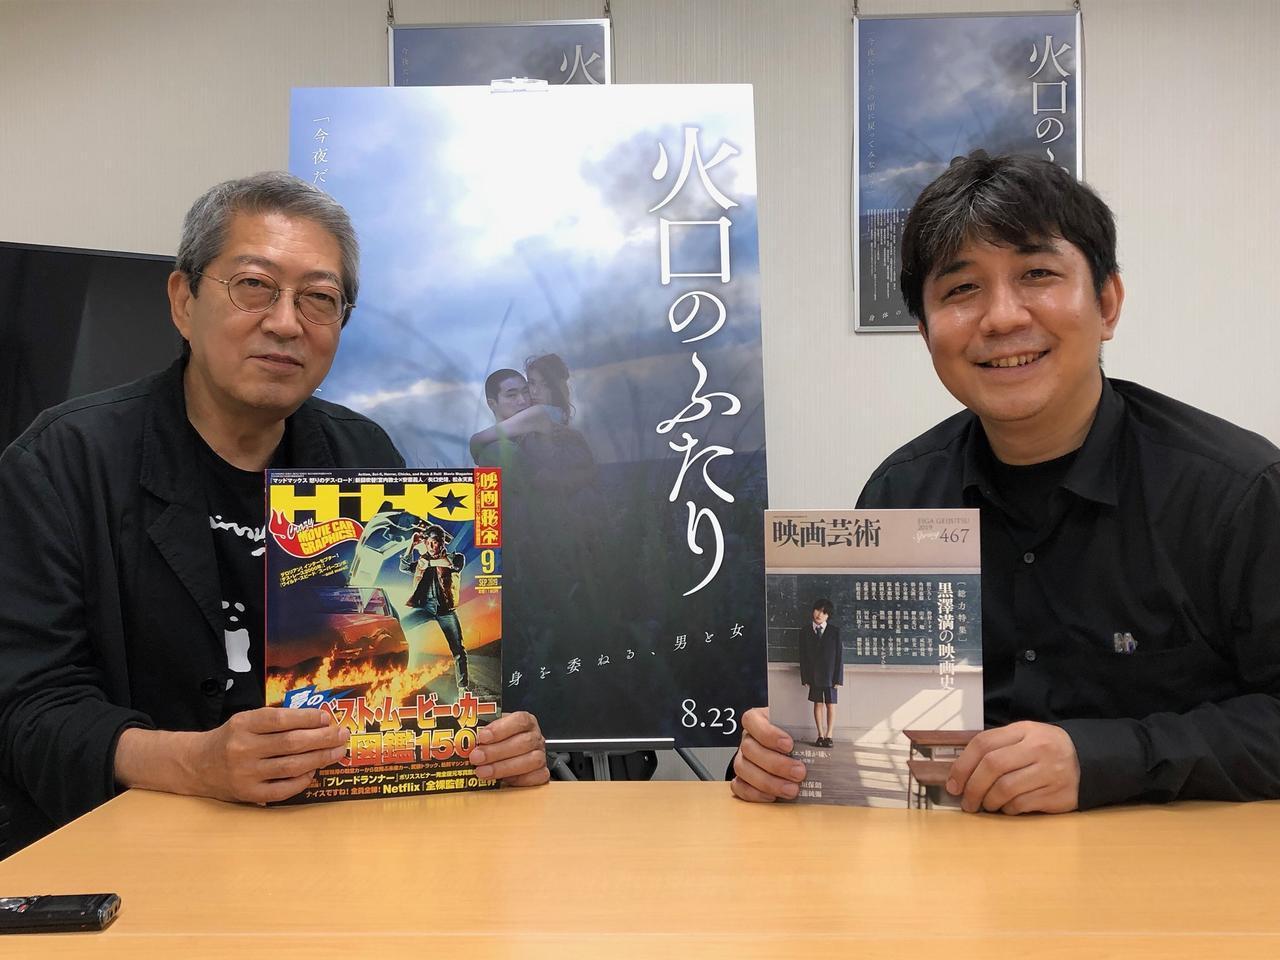 画像: 左より映画芸術編集長荒井晴彦氏と映画秘宝編集長・岩田和明氏